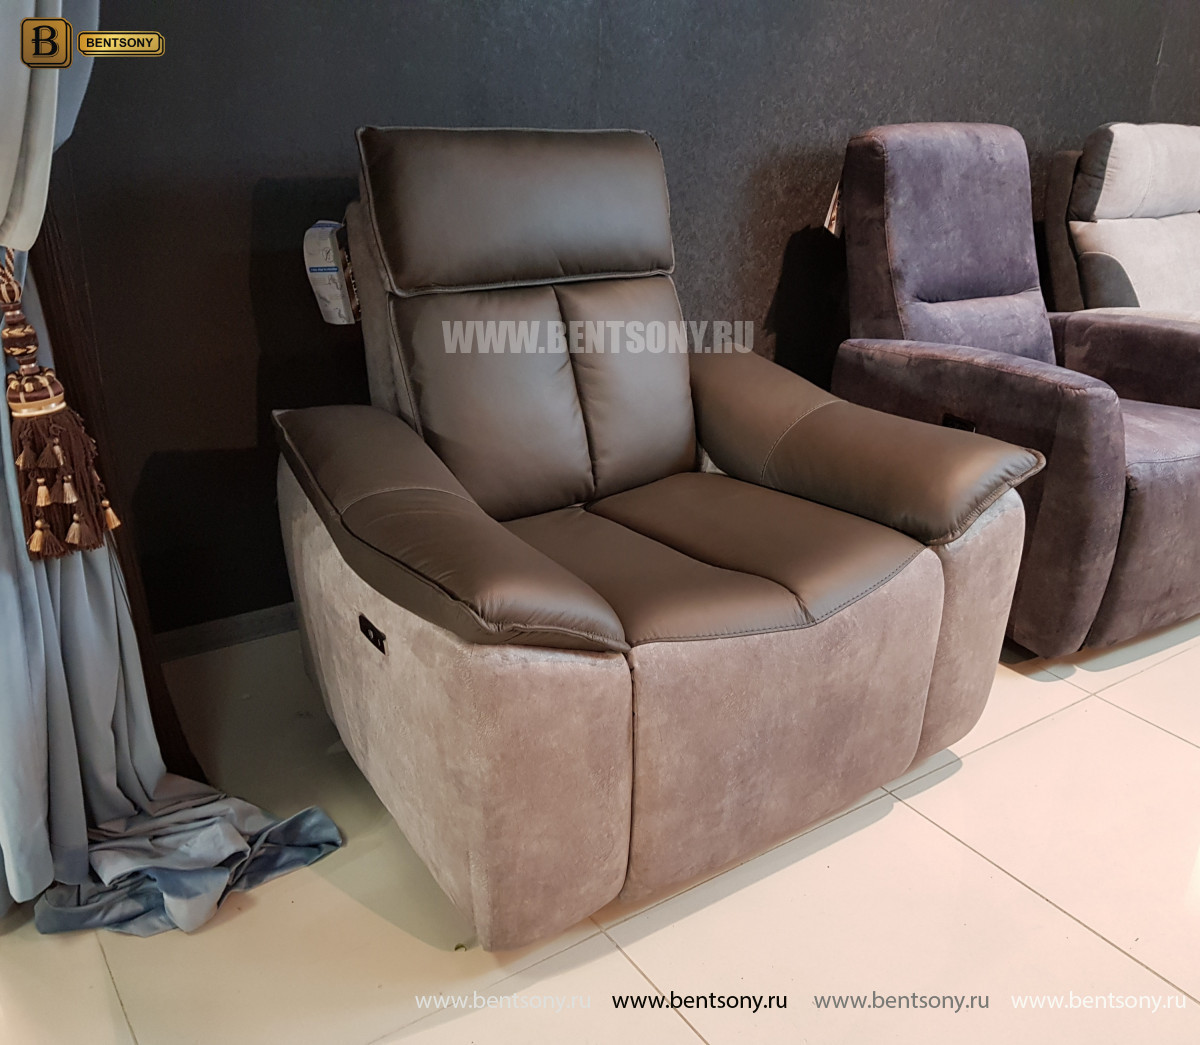 Кресло Портаро с реклайнером (Алькантара, Натуральная кожа) фото